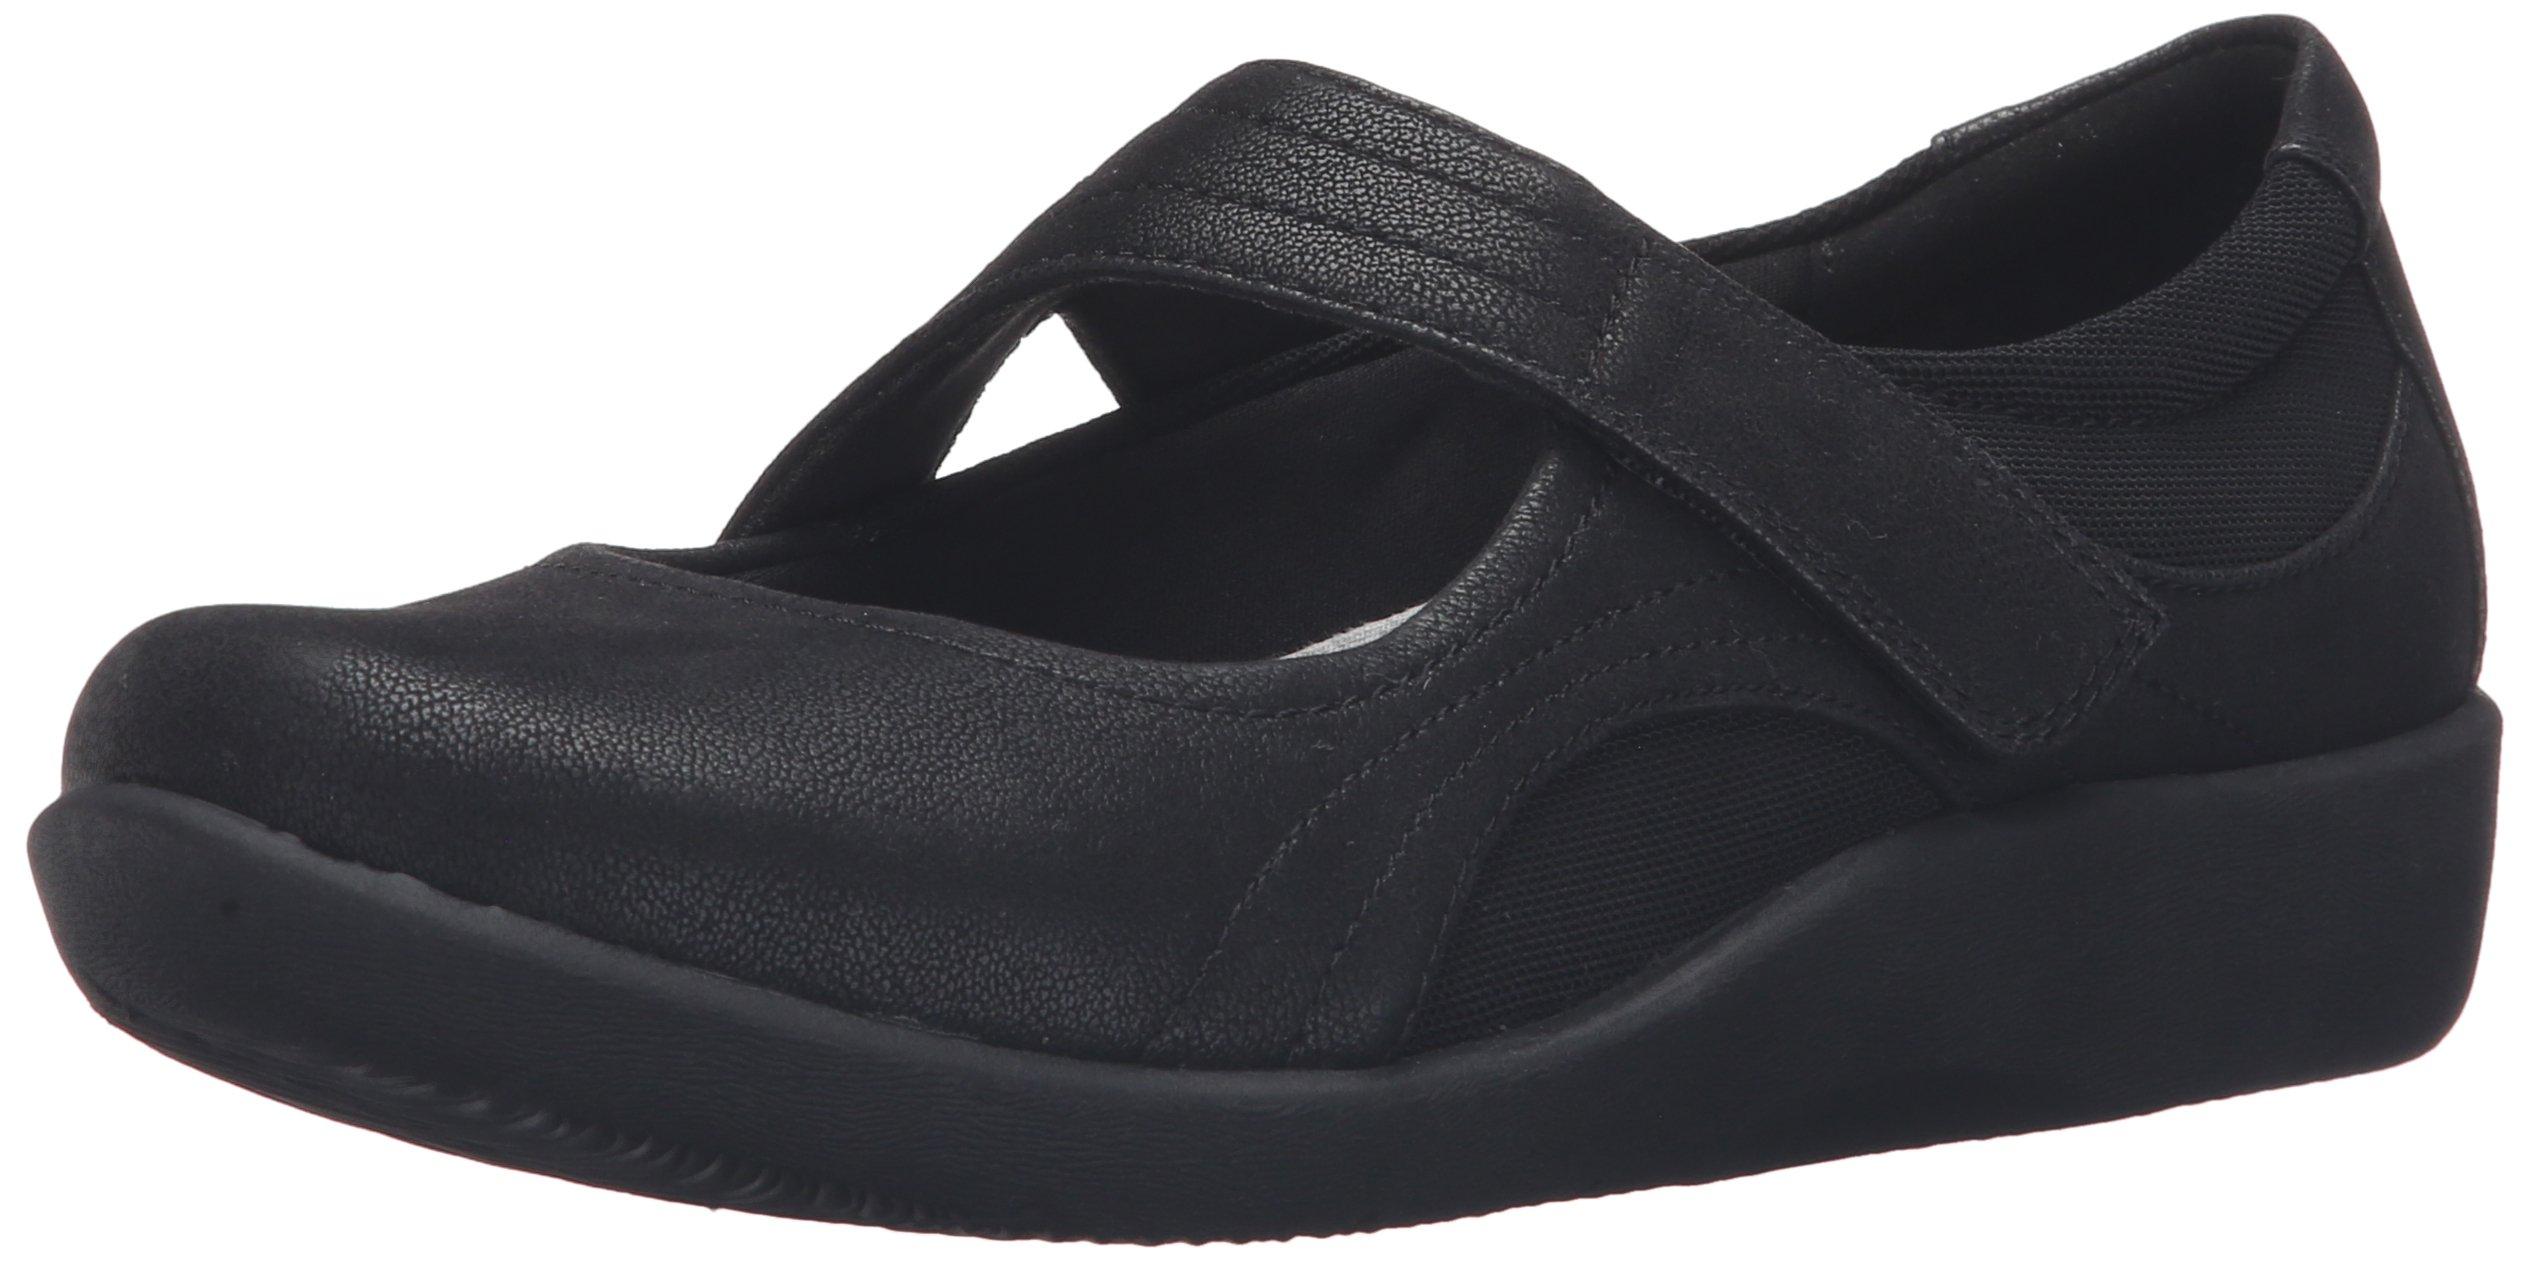 CLARKS Women's Sillian Bella Mary Jane Flat,Black Synthetic,8.5 M US